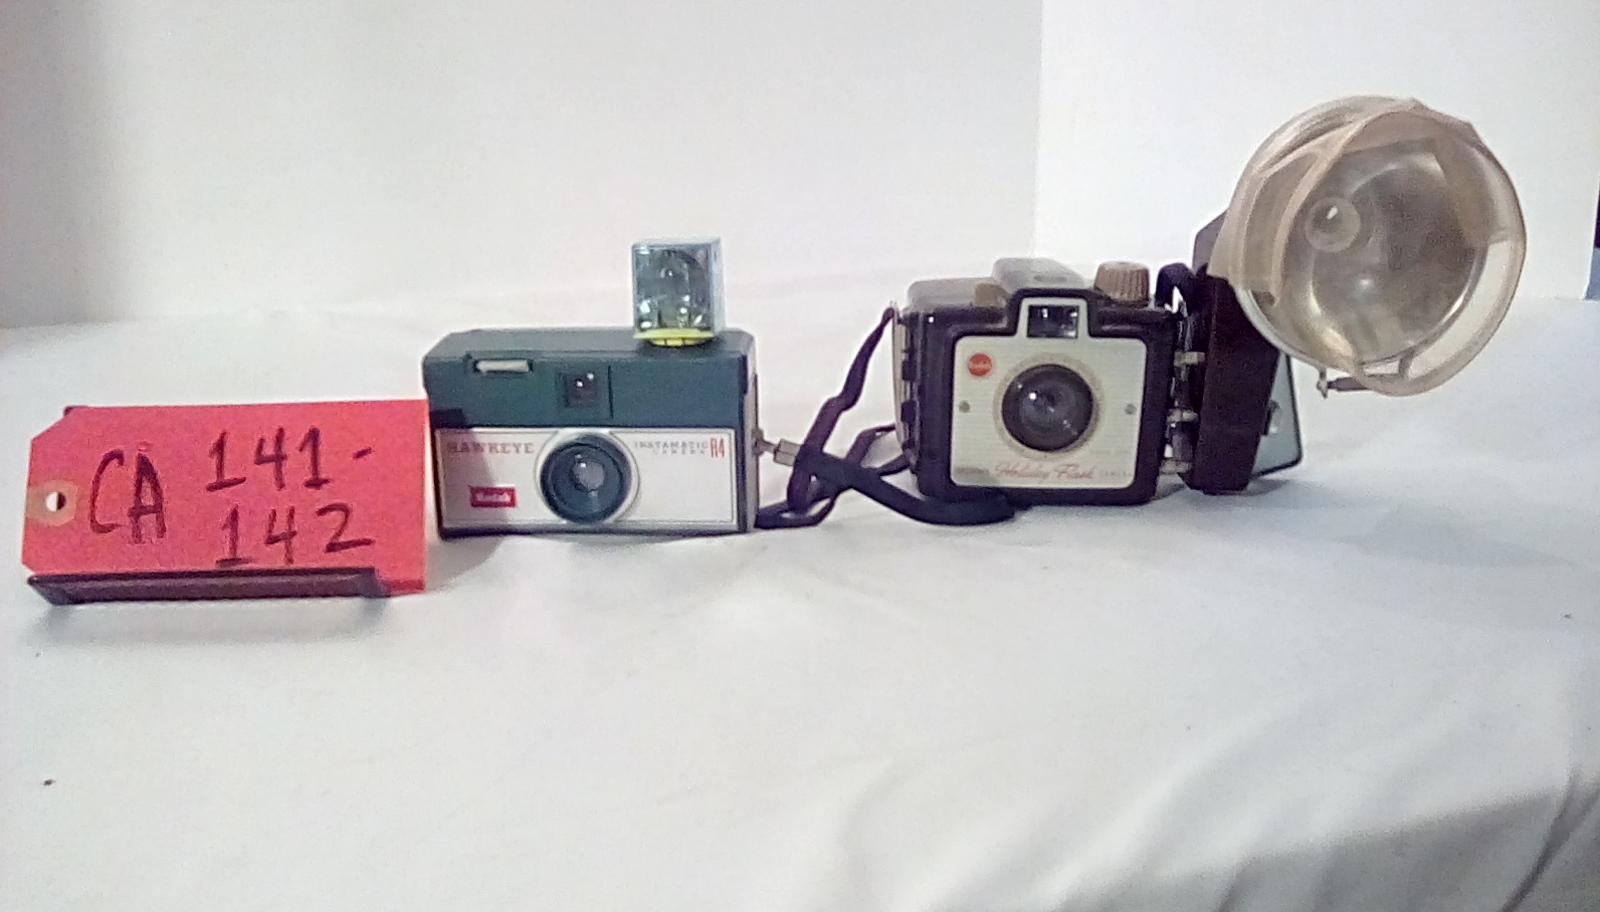 CA141 Kodak instamatic R4 w/flashcube & wrist strap, CA142 Brownie Holiday w/flash, neck strap, Bulb cover, & bulbs,